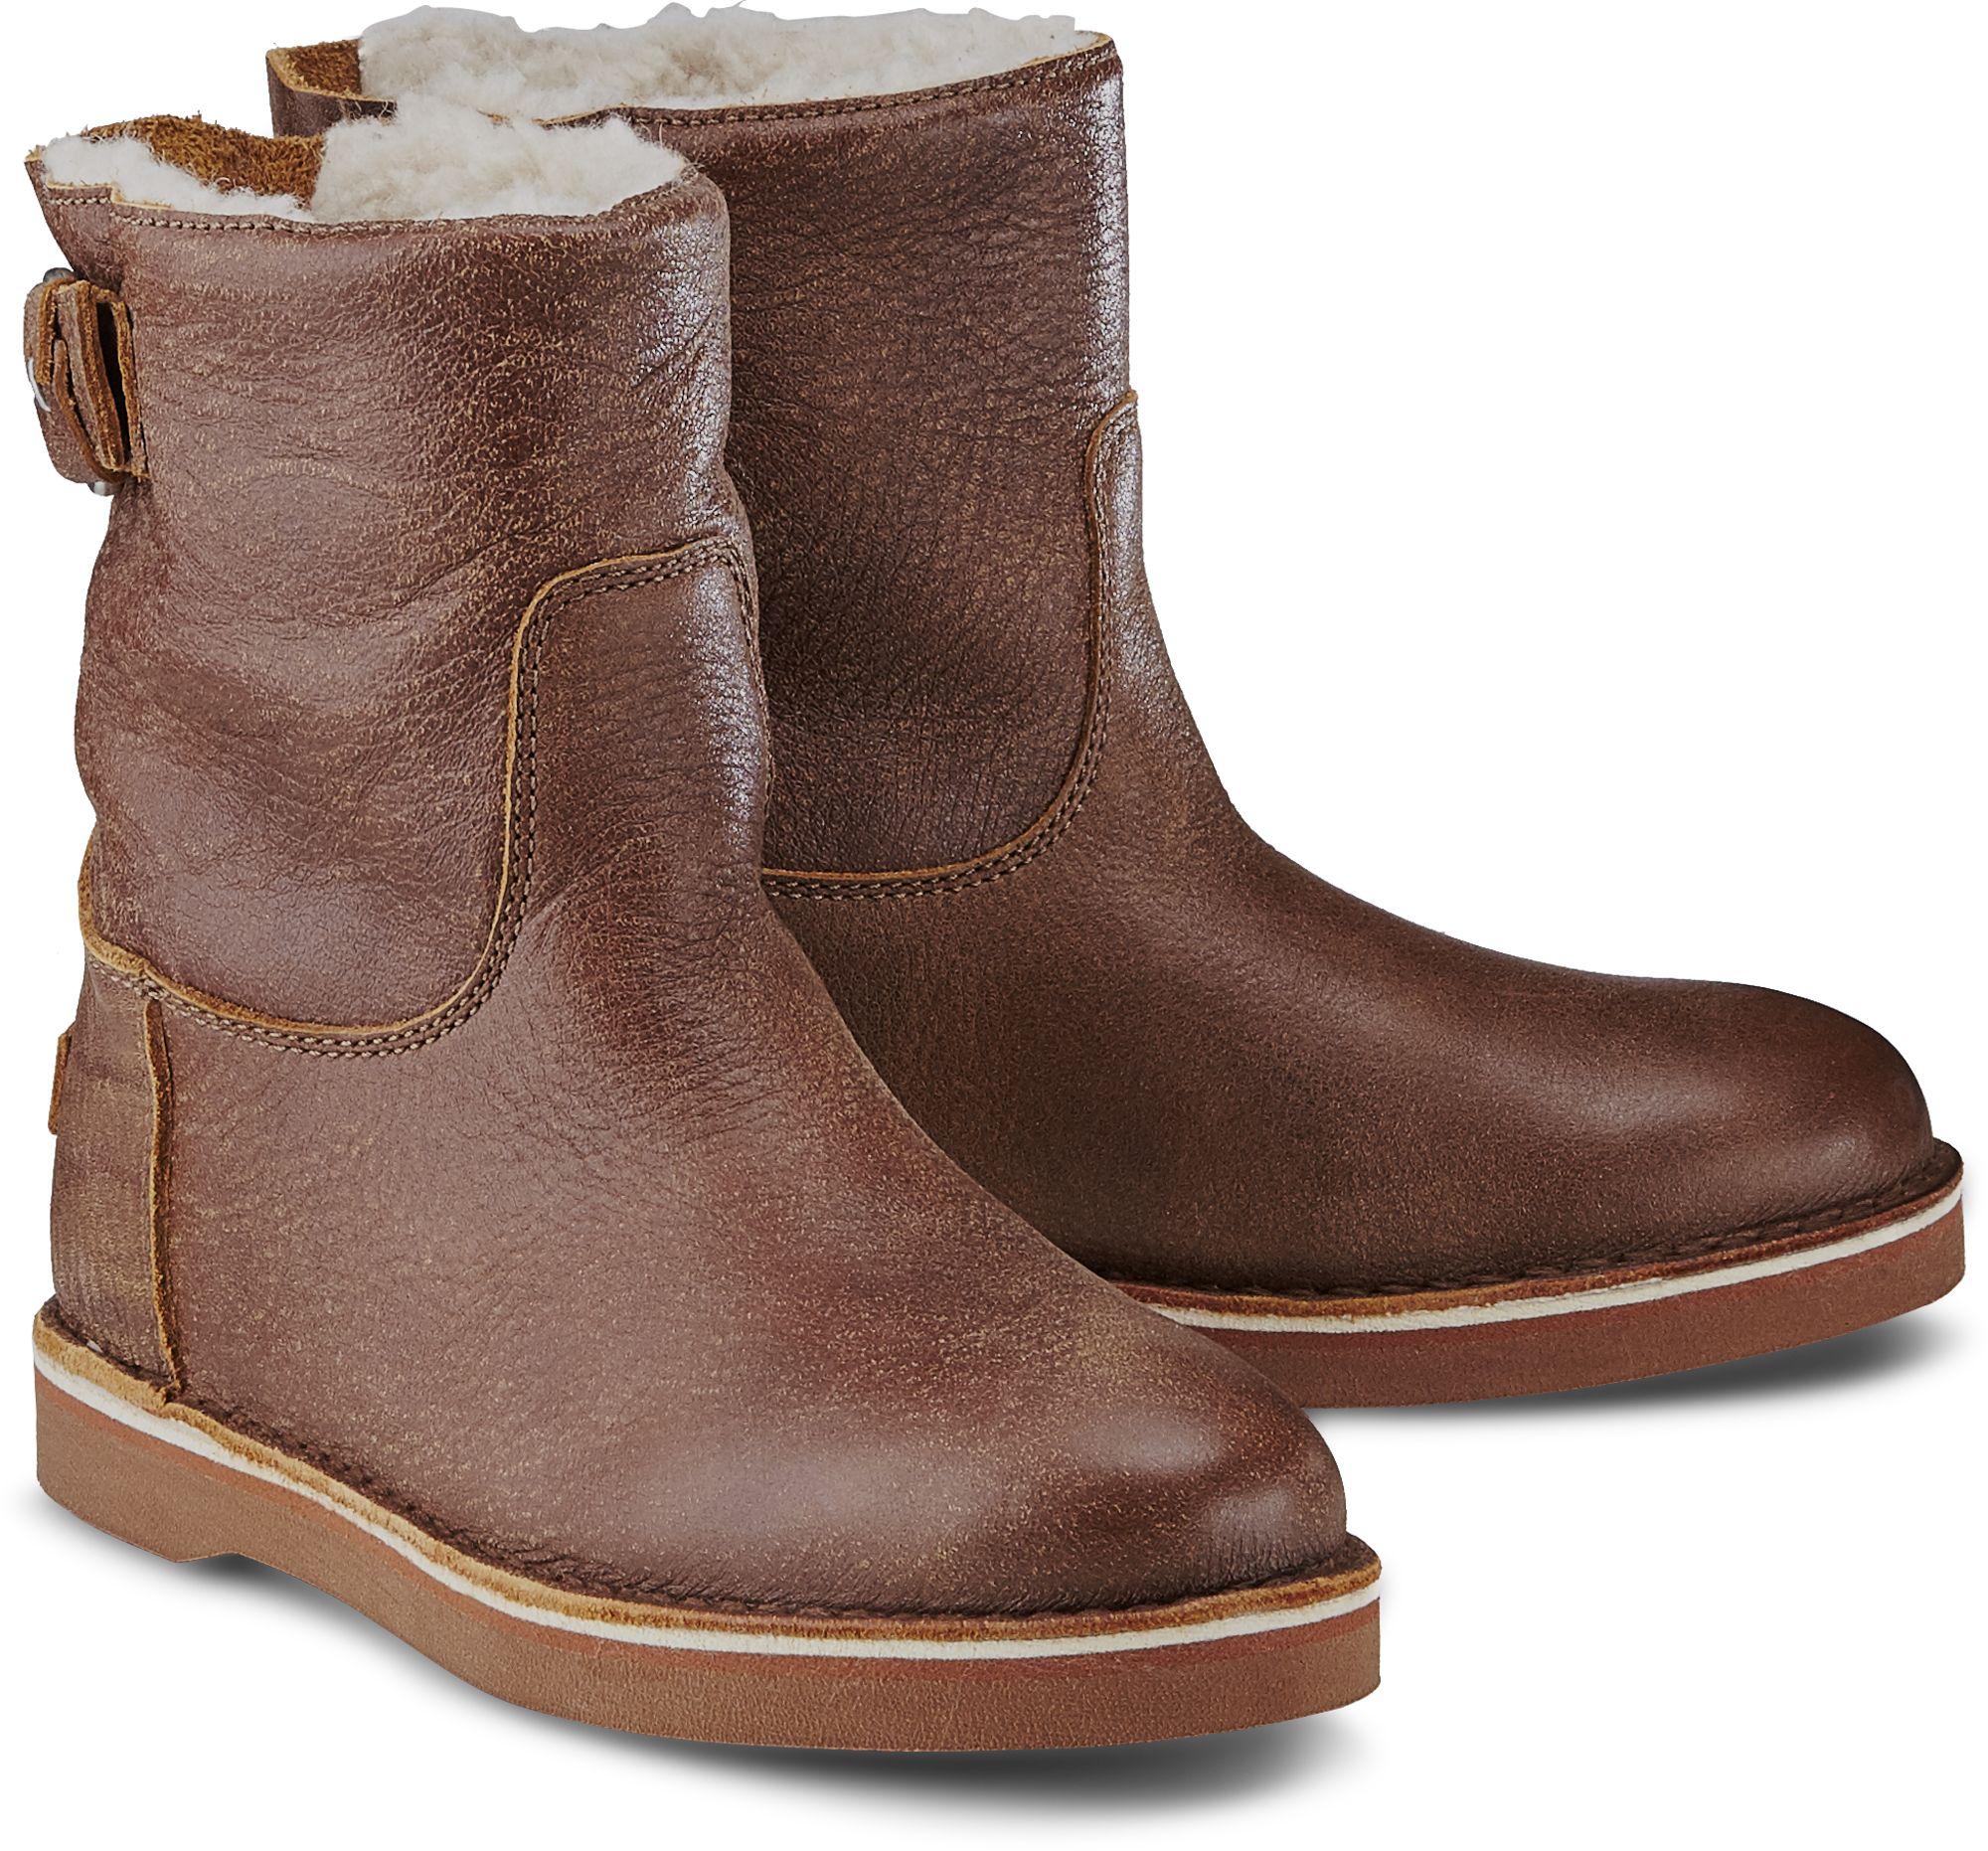 c777cdf74f783c Winter Boots von Shabbies Amsterdam in braun mittel für Damen. Gr.  36